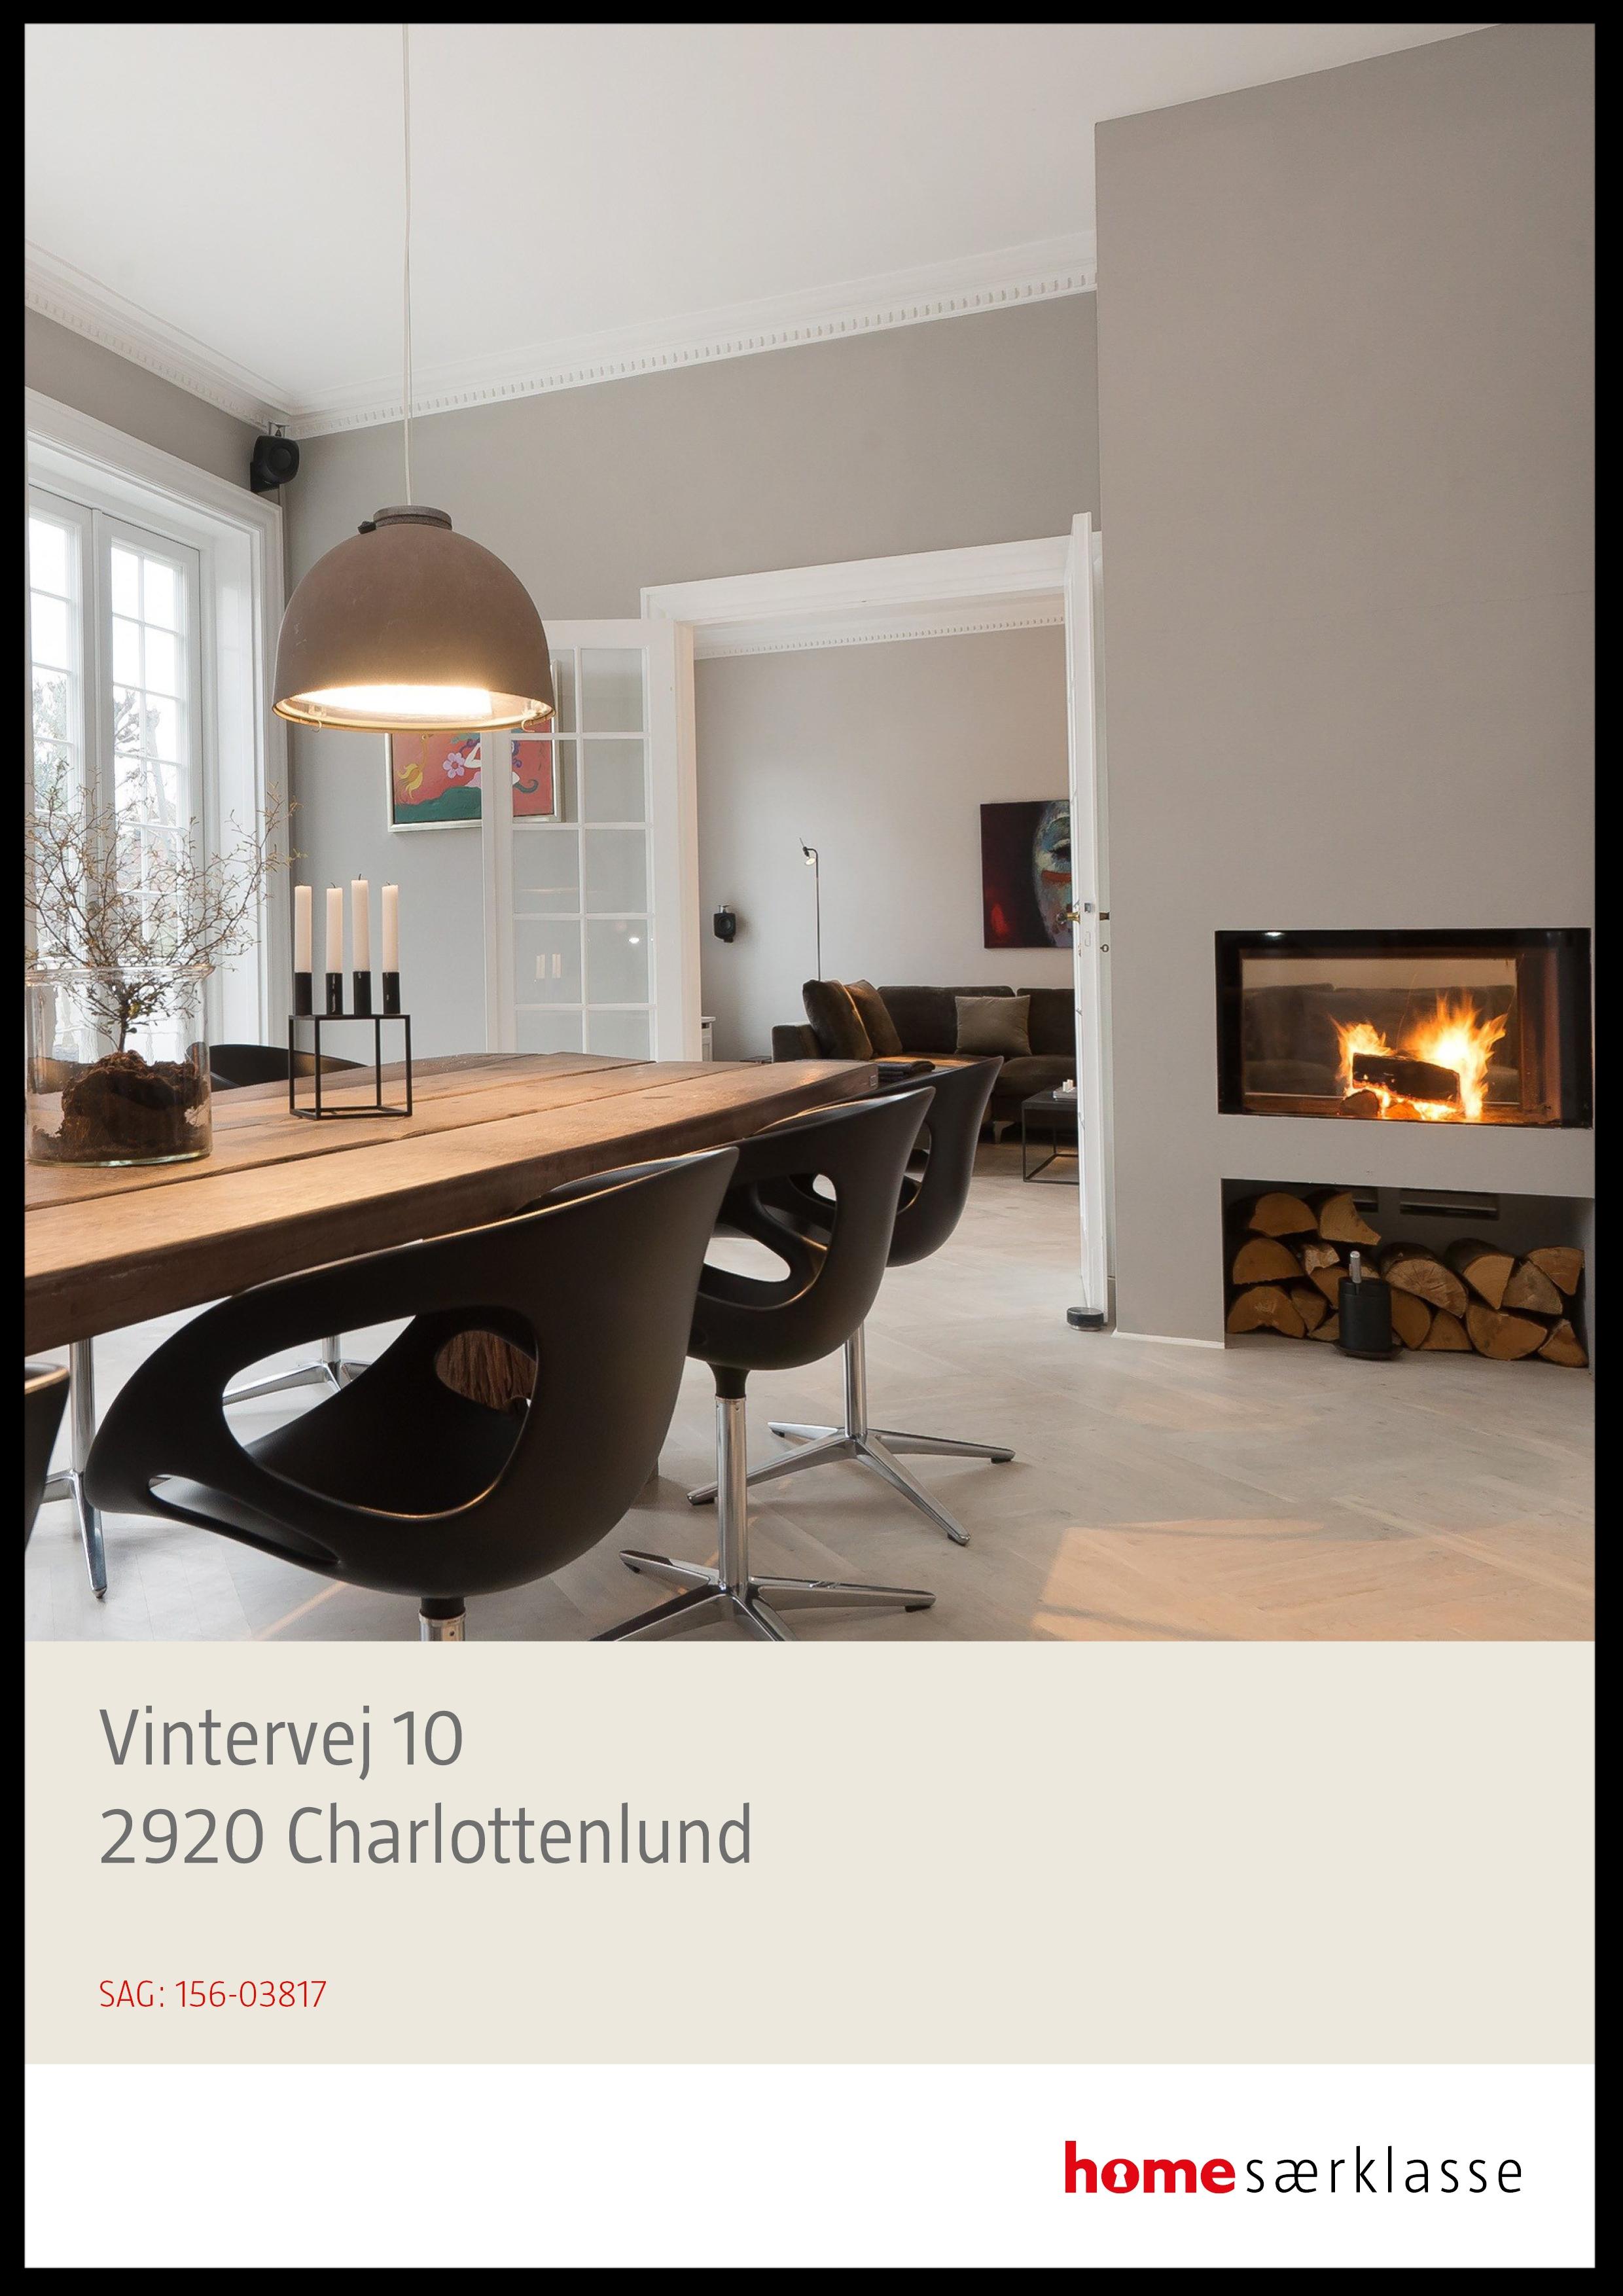 Vintervej, Charlottenlund